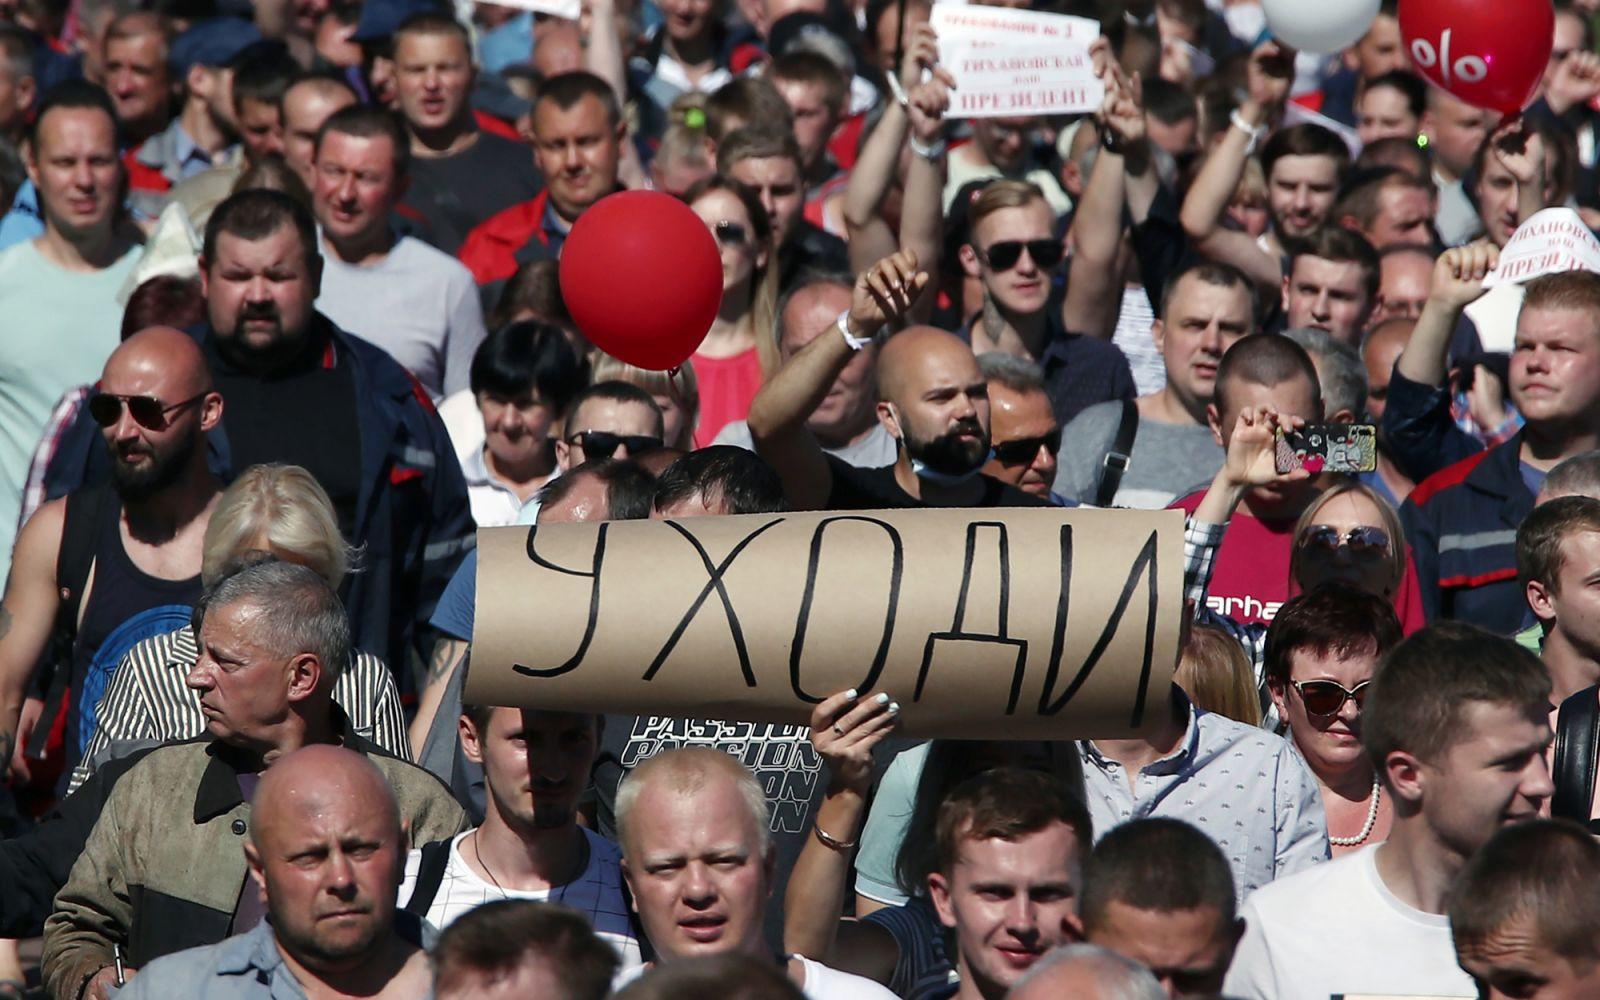 Белорусские хроники. Что происходит в соседней стране и кому это выгодно